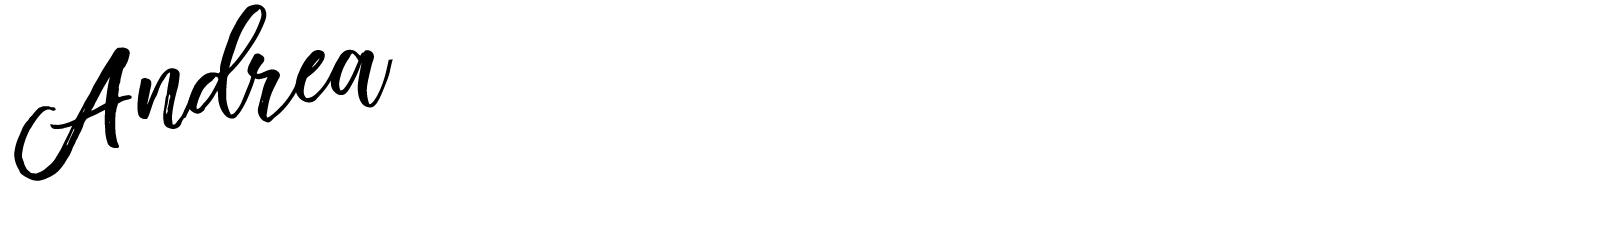 andrea_signature_script_slant_1600x239.jpg